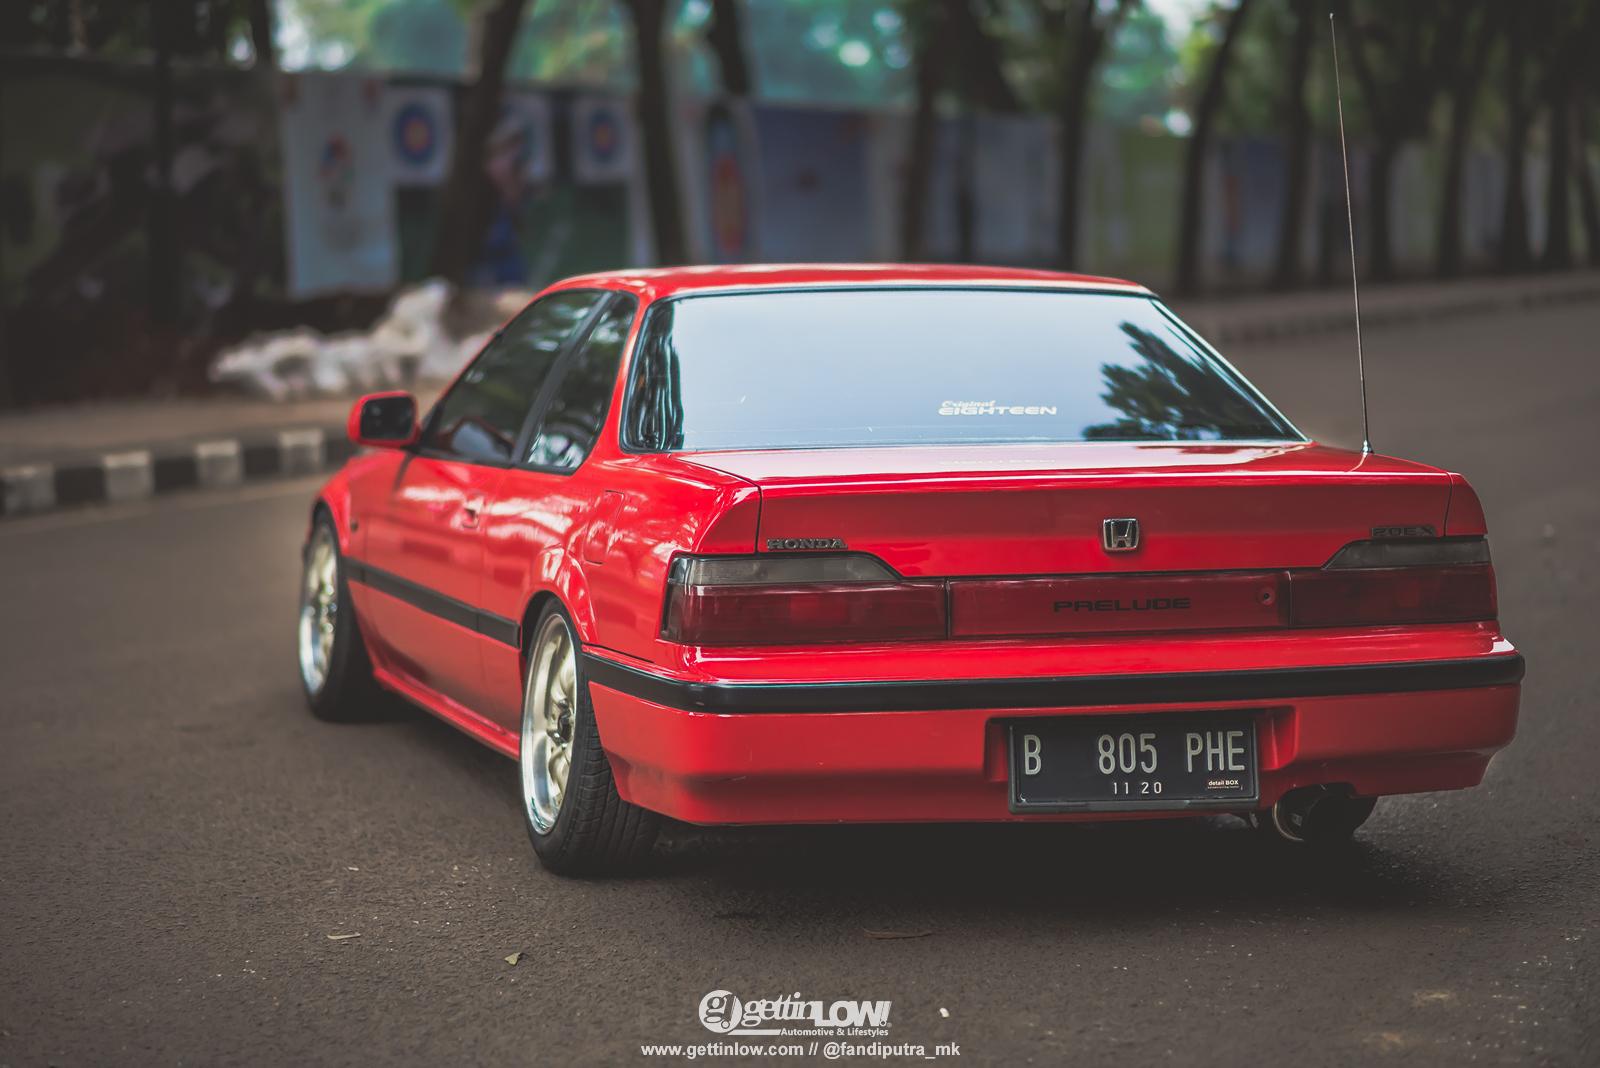 67+ Modifikasi Mobil Honda Civic Tahun 1990 Gratis Terbaru